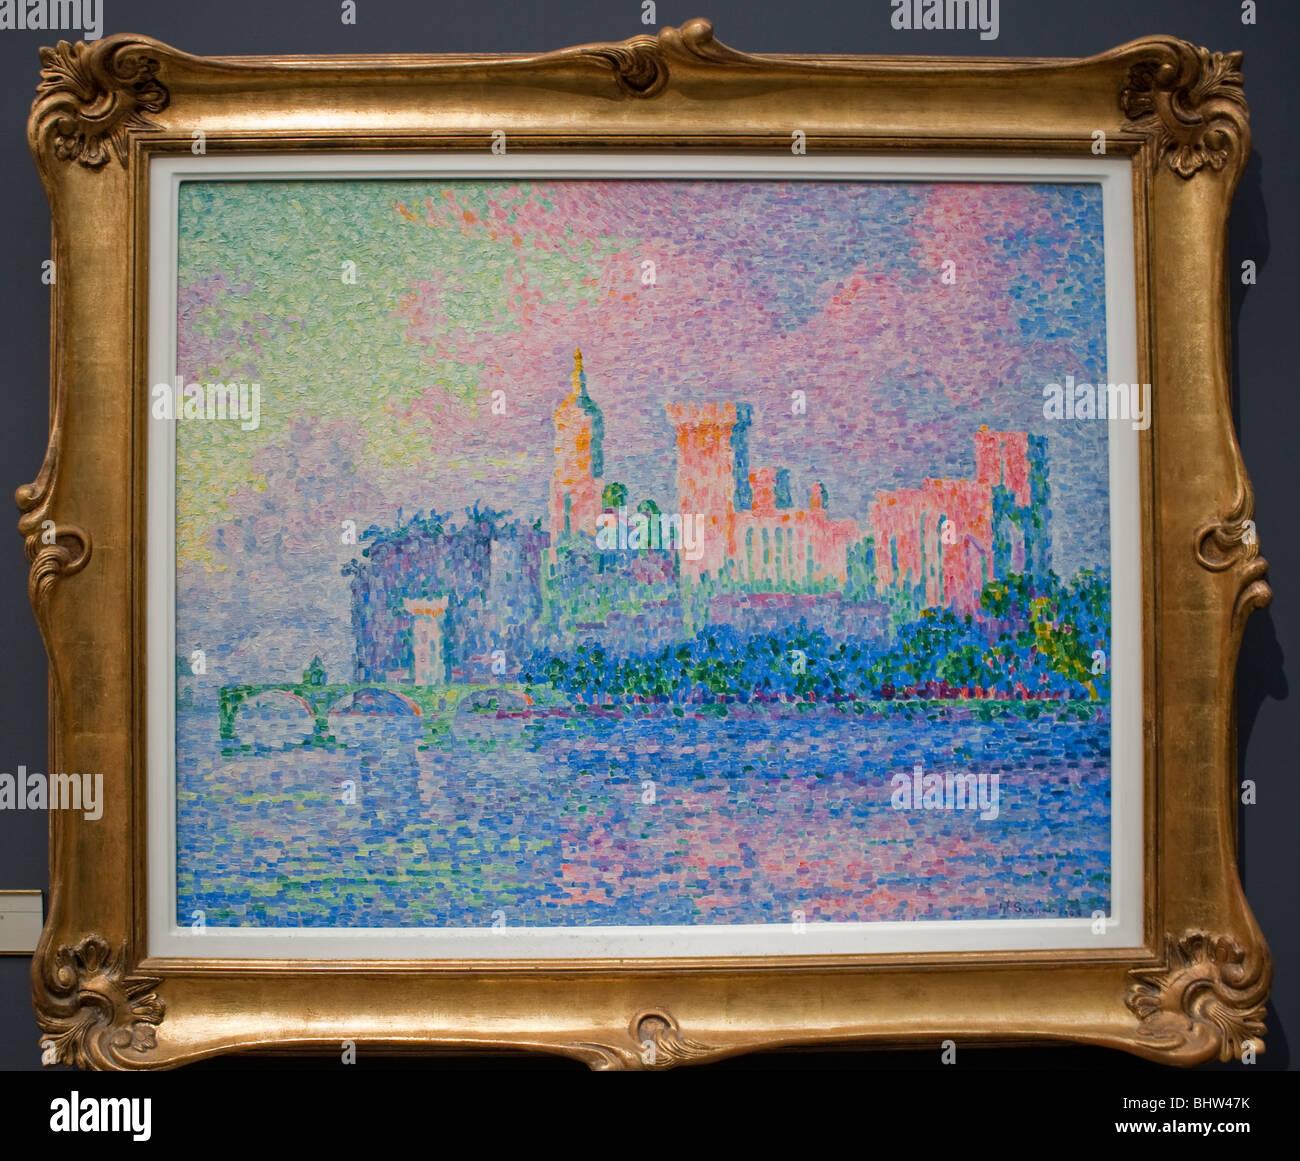 Parigi, Francia - Dettaglio, Post-Impressionism pittura all'interno del Museo Orsay Musee d'Orsay Immagini Stock